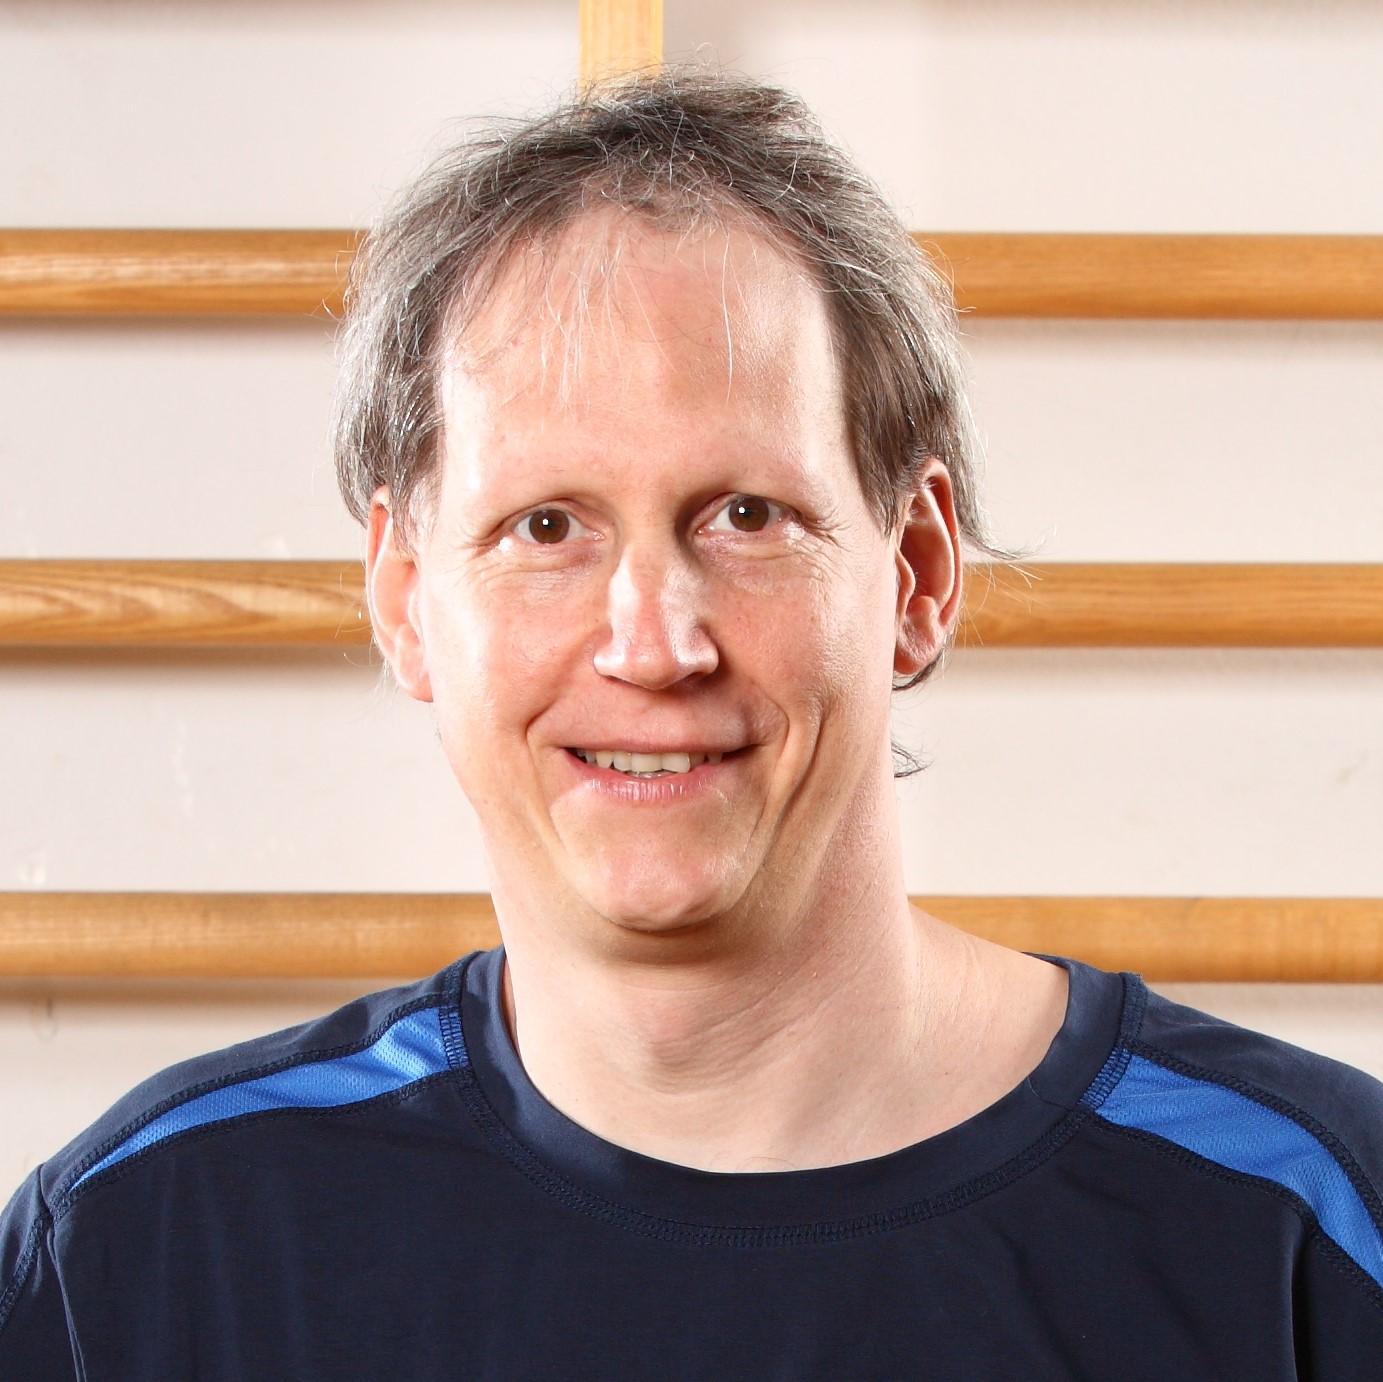 Bernd Gaßmann